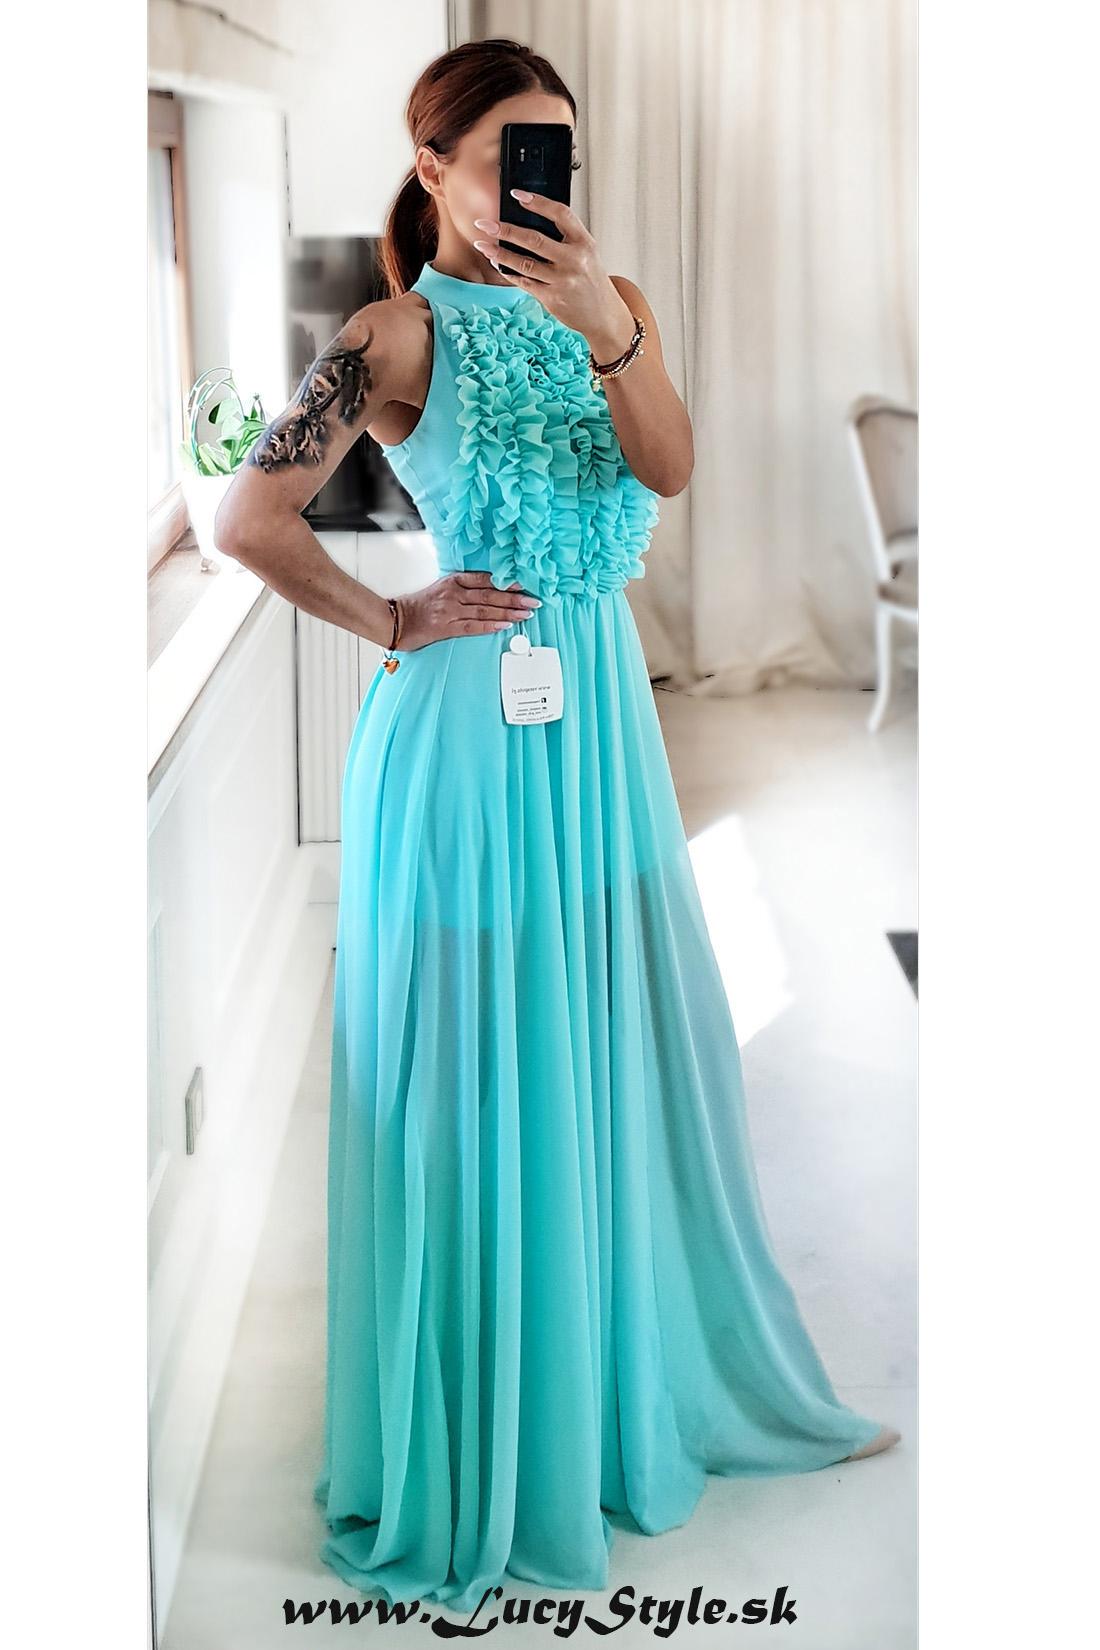 522323759e40 Krásne spoločenské šaty.tyrkysové